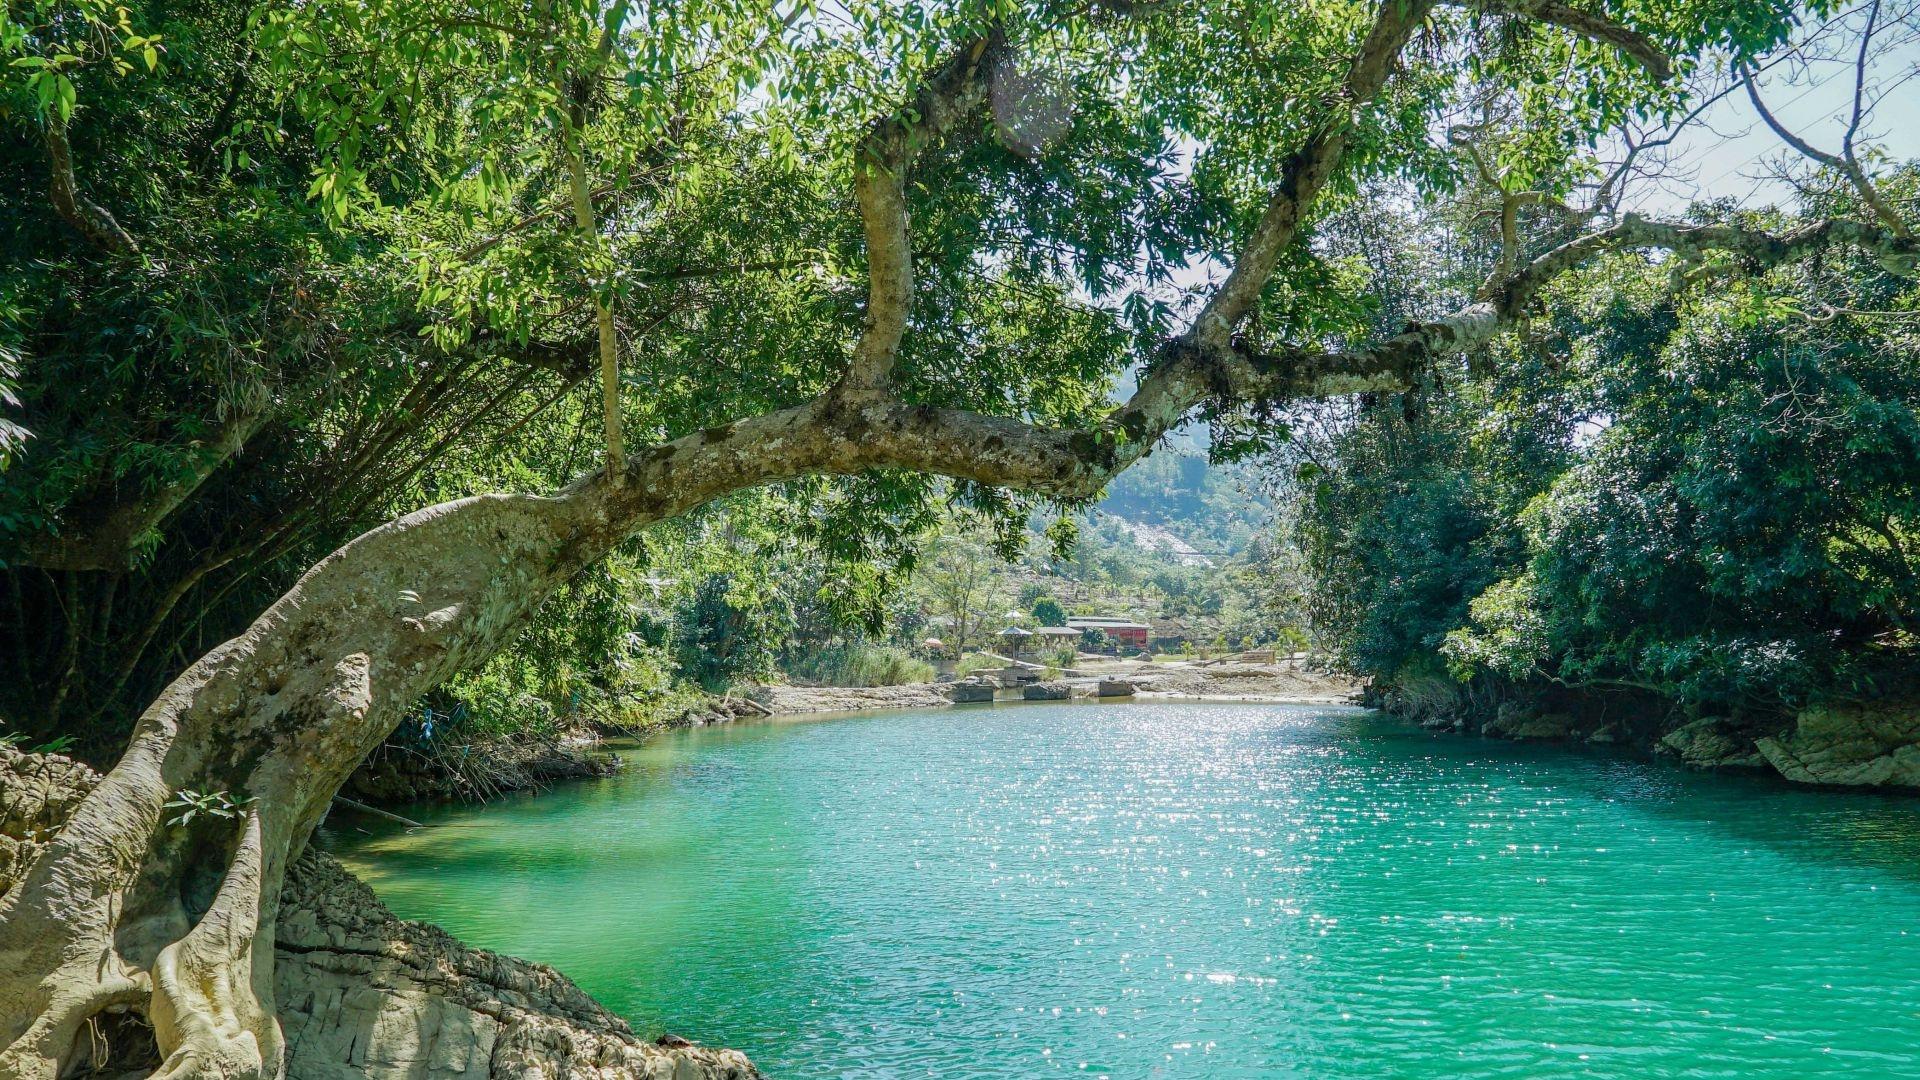 图集 | 青山绕绿水,花坝神谷好休闲